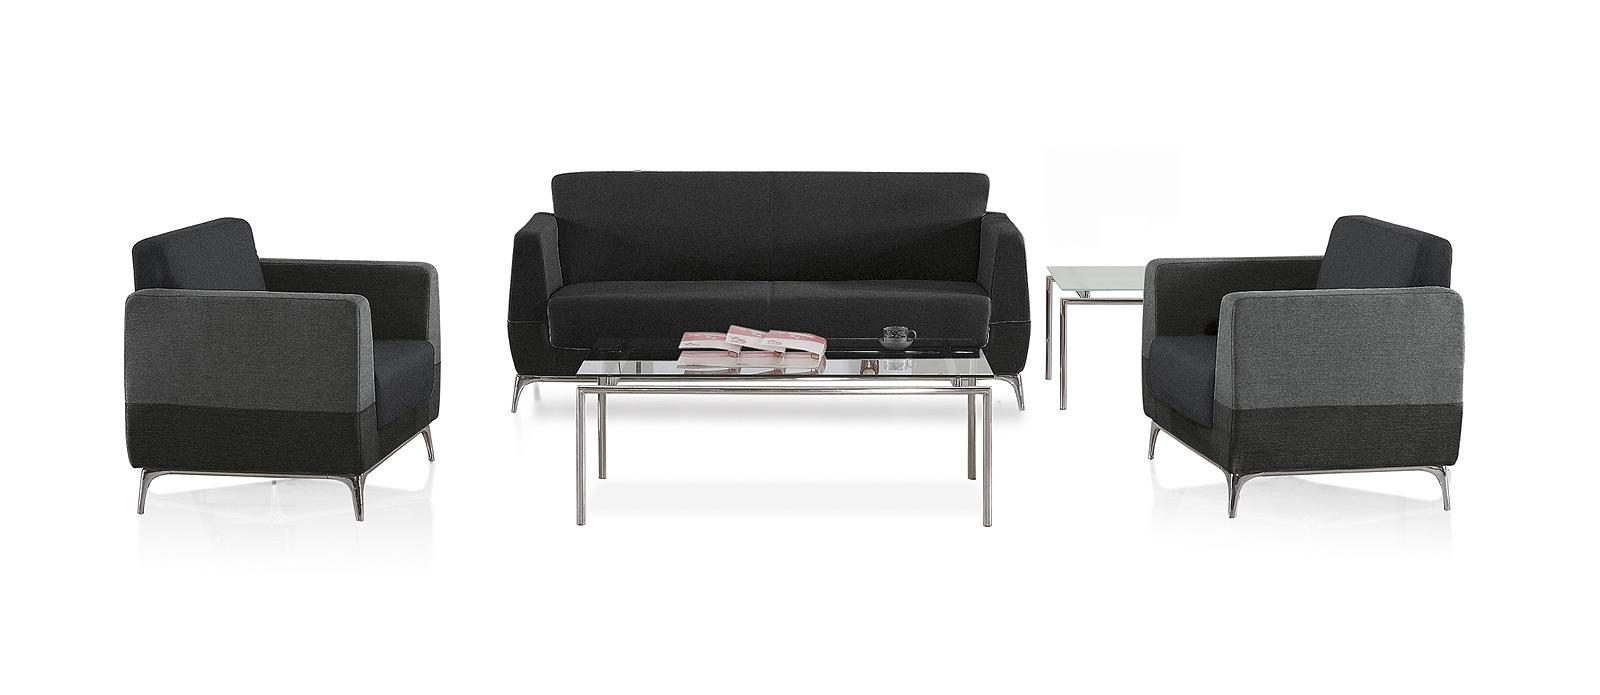 重庆舒适优质办公沙发舒适办公沙发安全无害材料优质办公沙发定制